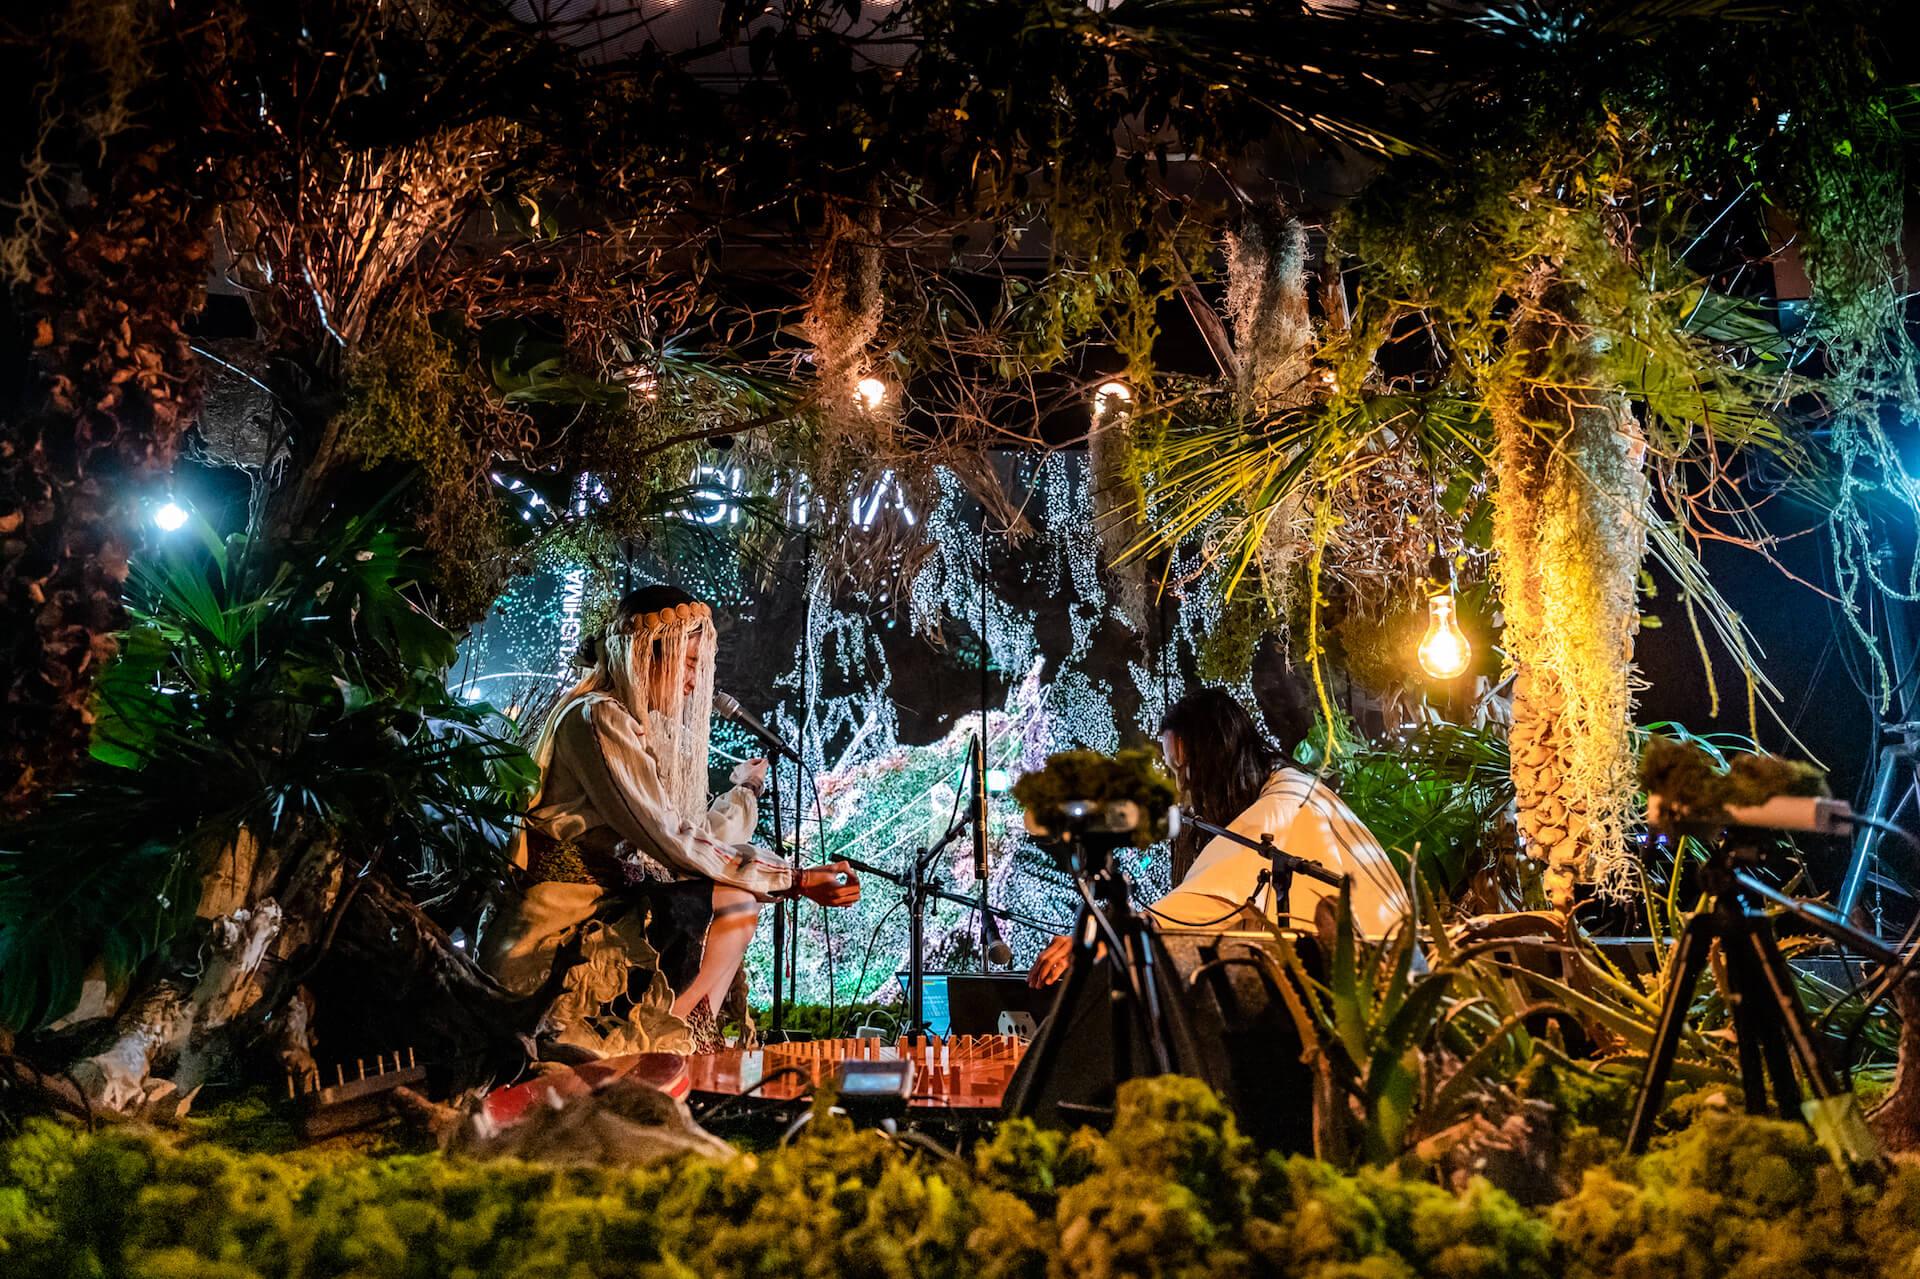 YAKUSHIMA TREASUREの死生観とポストコロナの表現 屋久島の原生林でのライヴ作品『ANOTHER LIVE』に迫る music210219_yakushimatreasure_21